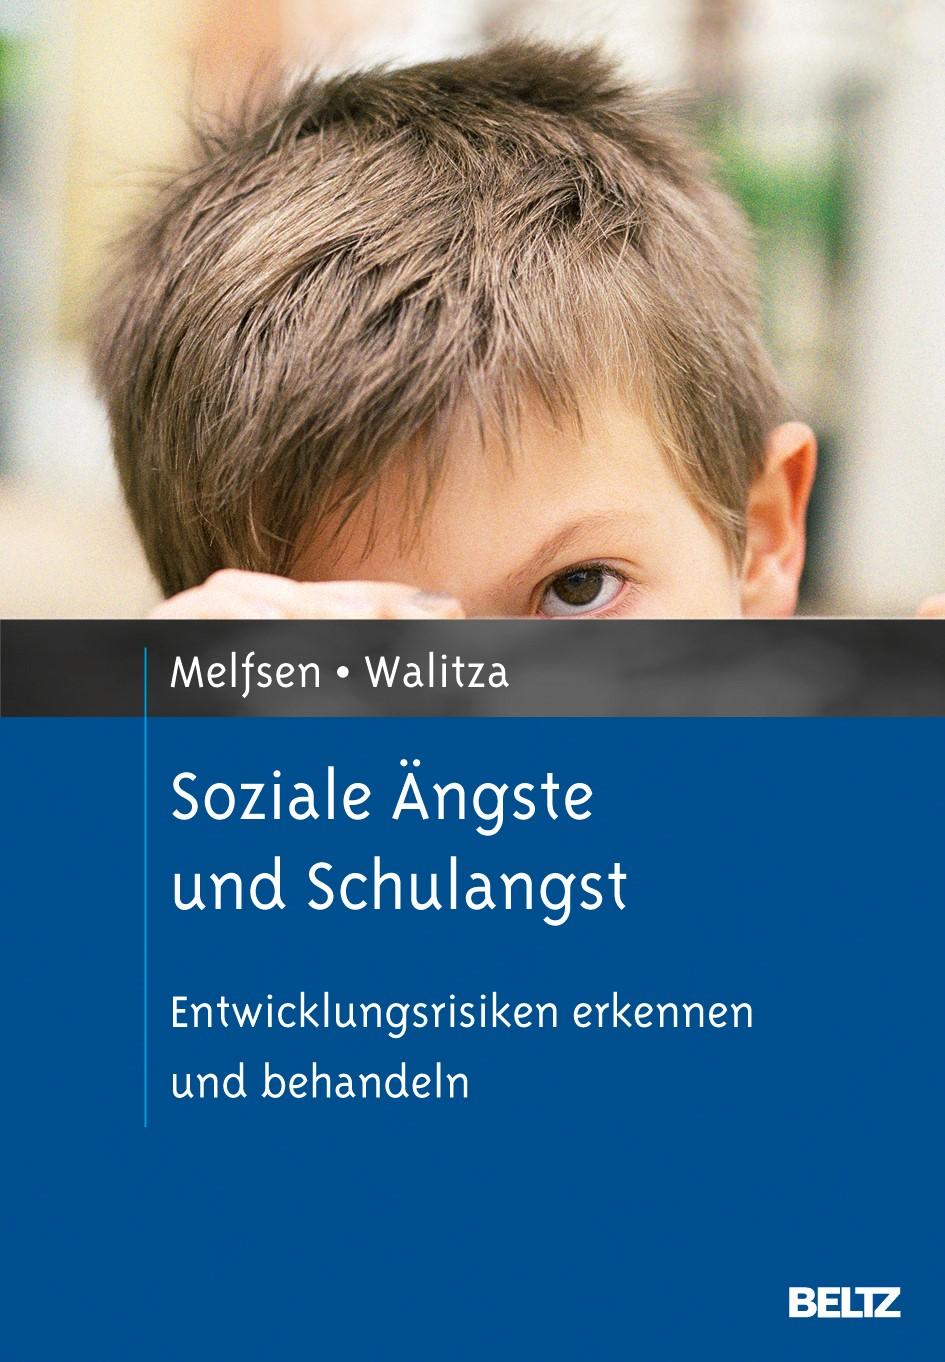 Abbildung von Melfsen / Schulte-Markwort / Resch | Soziale Ängste und Schulangst | Originalausgabe | 2013